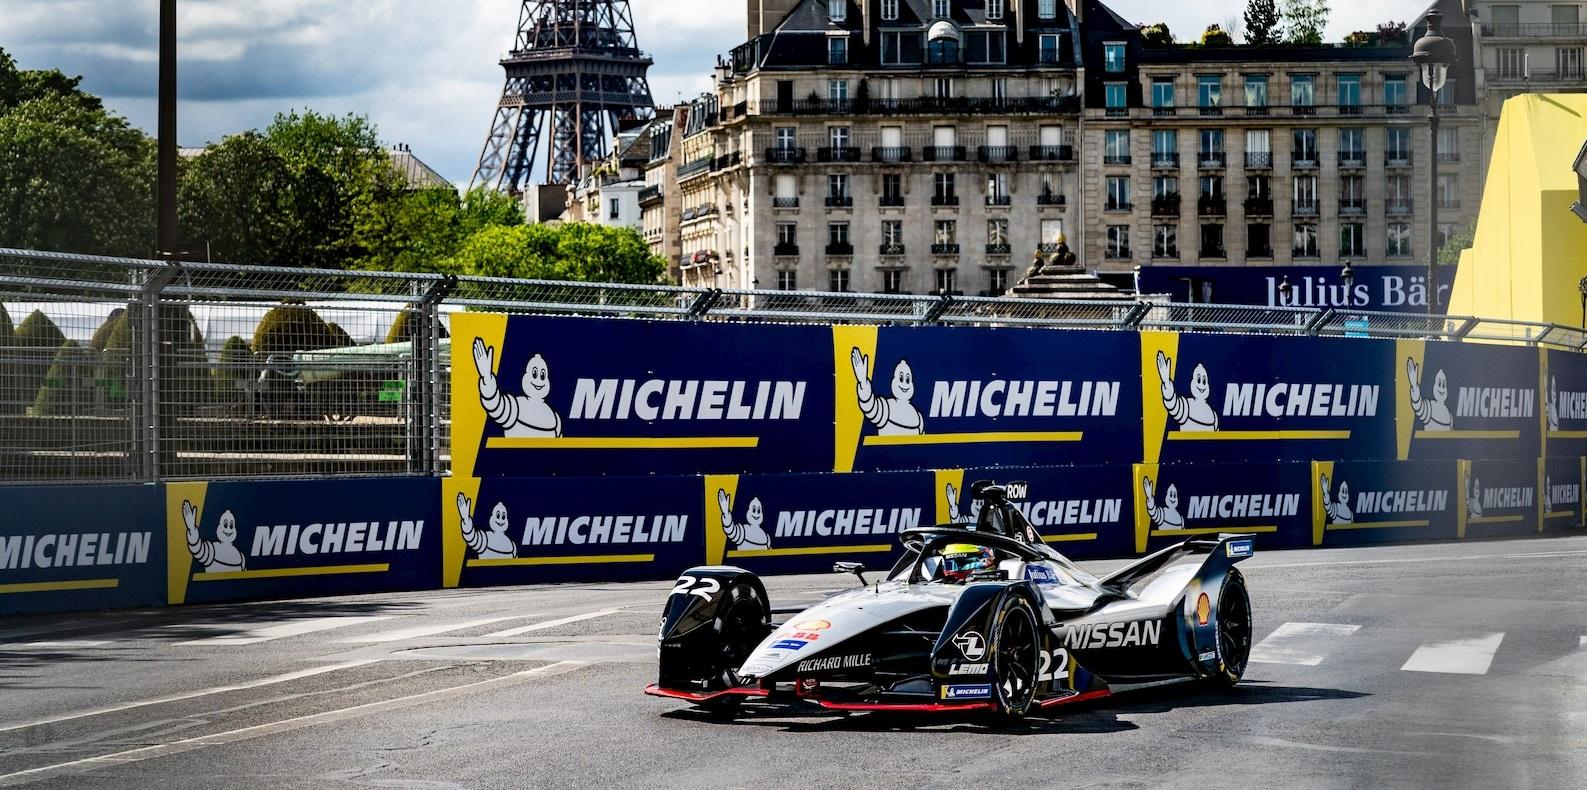 Calendrier Formula E 2022 Michelin   Michelin will remain supplier of Formula E until 2022